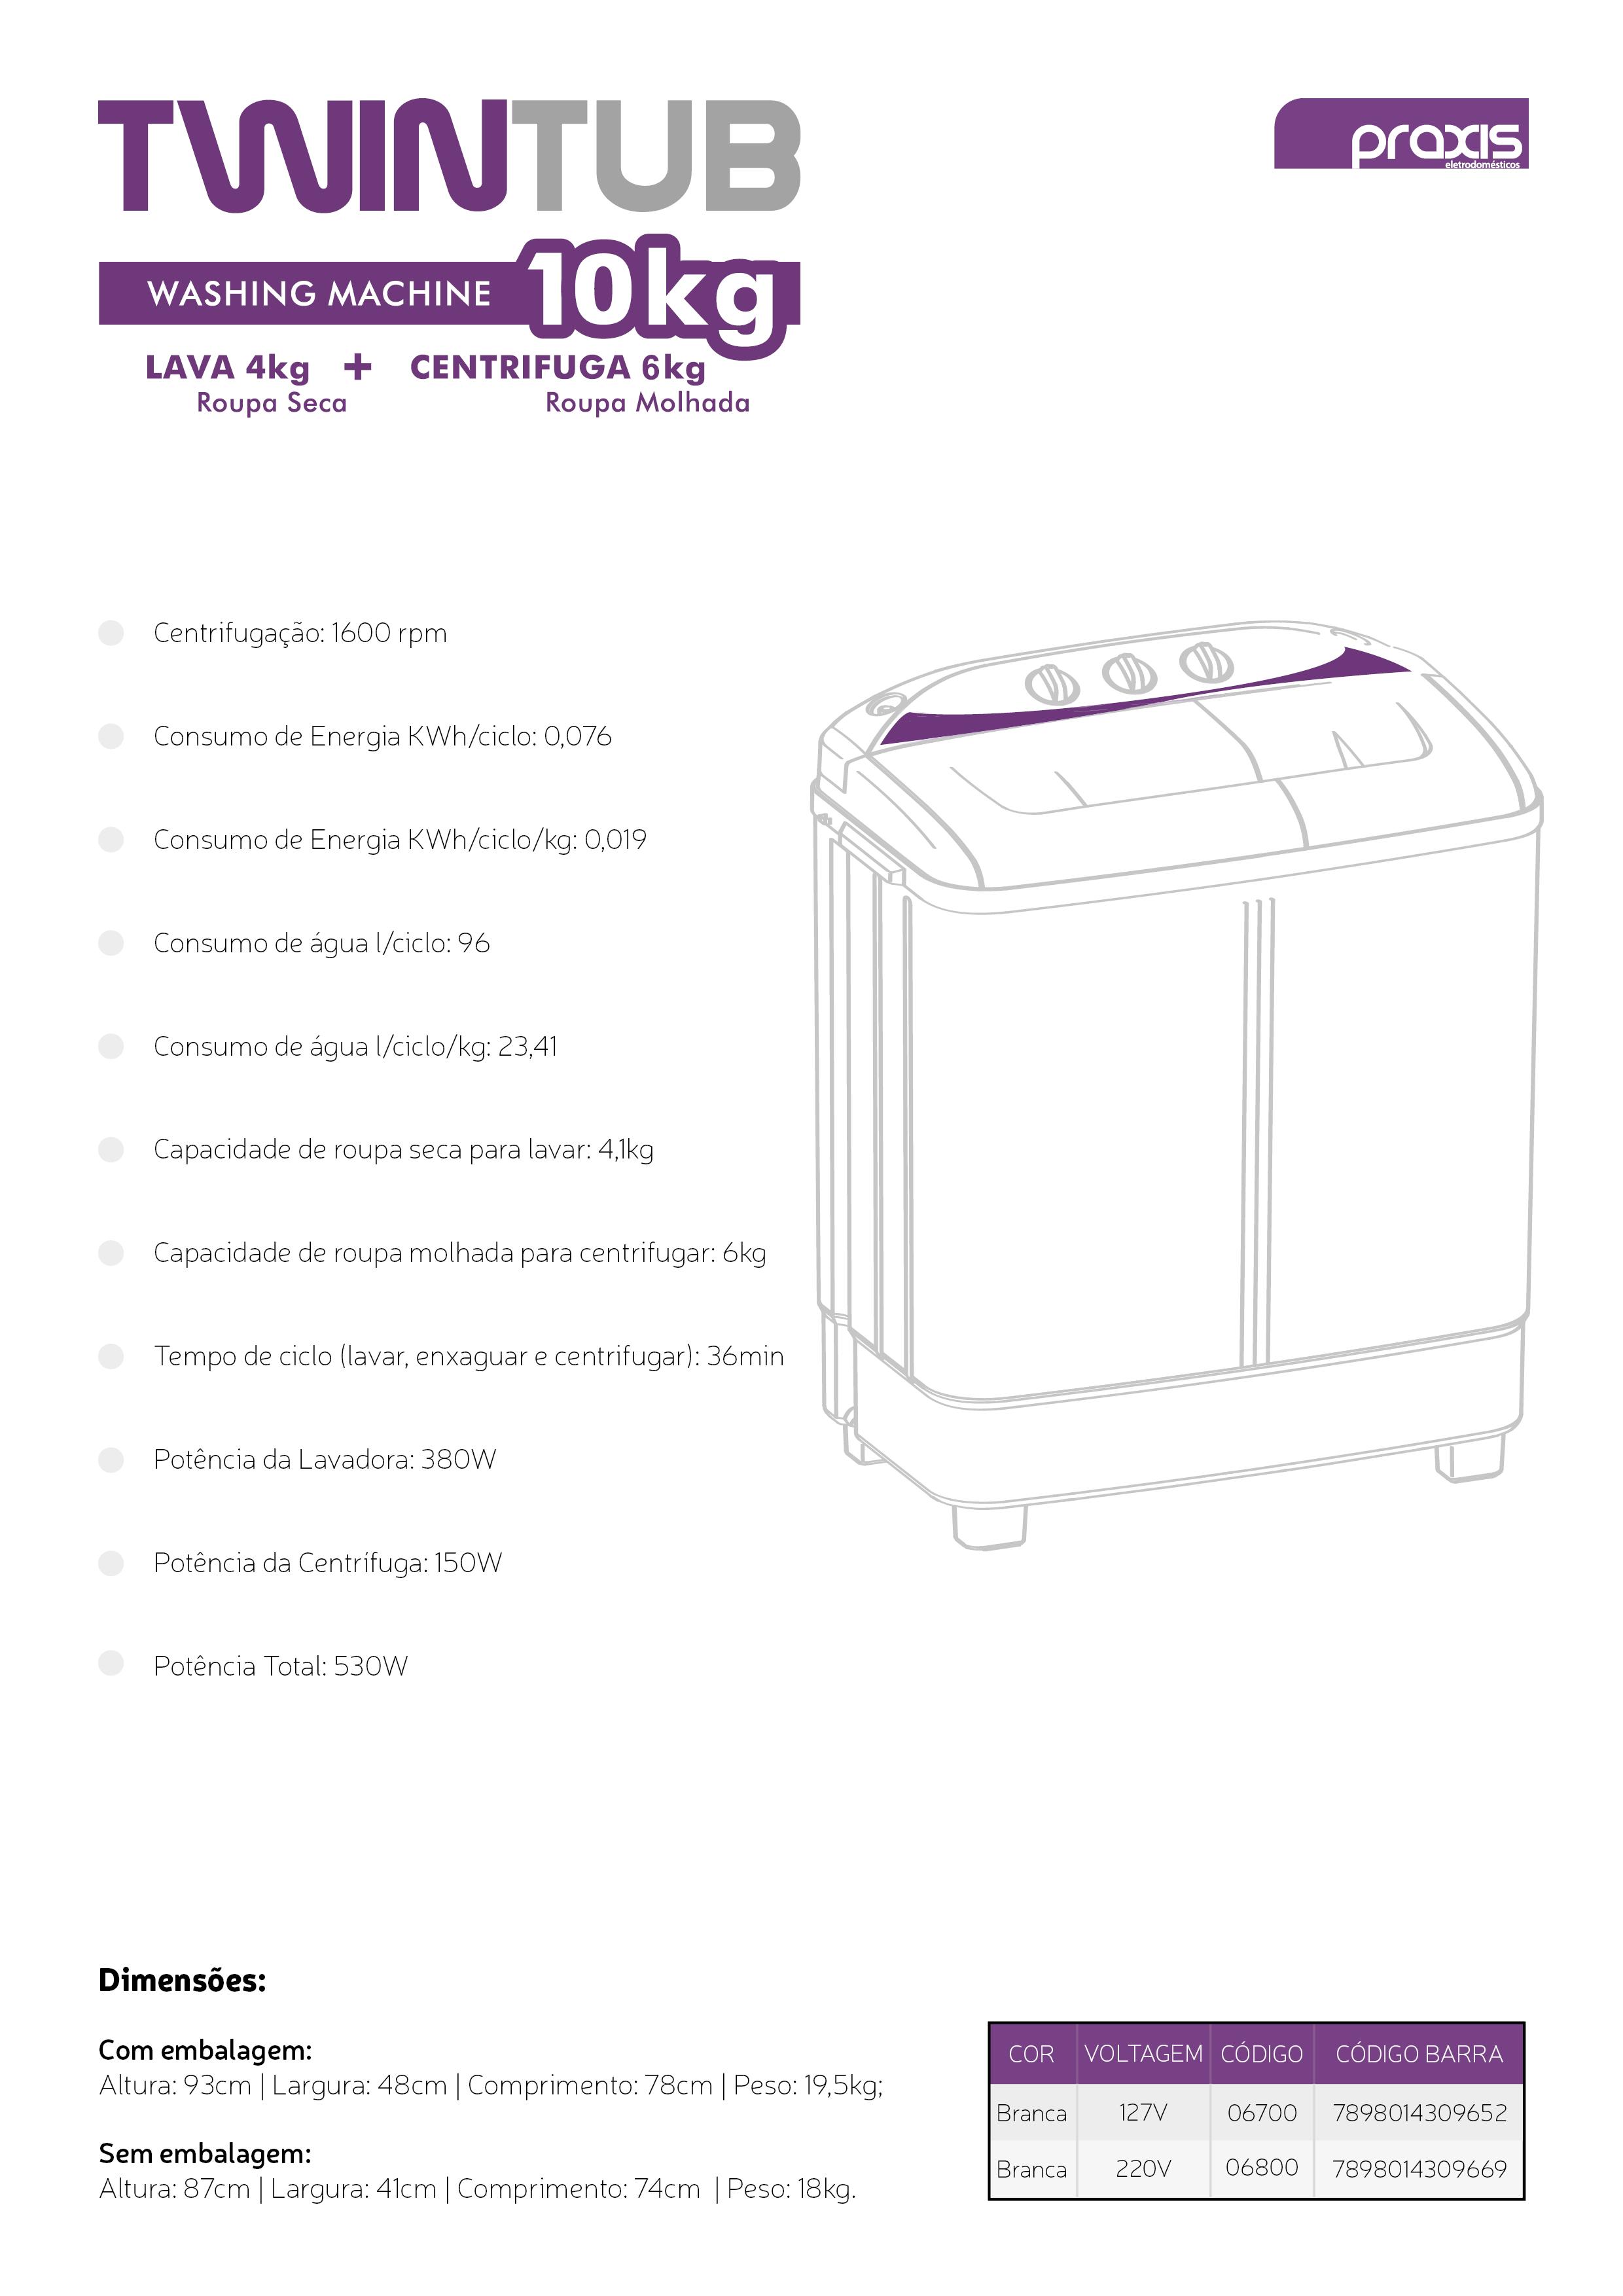 A TWINTUB é feita com tecnologia de ponta para oferecer um mundo de benefícios para você. Uma máquina de lavar moderna e versátil para se adaptar ao seu estilo, seja ele qual for.  Modelo do Produto: Máquina de Lavar Roupas Twin Tub  Capacidade: 10Kg Altura: 74 cm Largura: 93 cm Profundidade: 41 cm Marca: Praxis Eletrodomésticos  Itens Inclusos: Maquina de Lavar, uma mangueira de entrada, um manual, um guia de autorizadas e uma tampa de pressão da centrifuga. Garantia: 1 ano Descrição: Essa Lavadora é a única que lava e centrifuga simultaneamente. Uma maravilha da Praxis para sua casa. A Twin Tub é feita com tecnologia de ponta para oferecer um mundo de benefícios para você. Uma máquina de lavar moderna e versátil para se adaptar ao seu estilo, seja ele qual for. Possui dois compartimentos, sendo um para lavagem, outro para centrifugação que podem funcionar separados ou simultaneamente. Ela lava até 4 kg e centrifuga até 6 kg. Possui painel mecânico e abertura superior, seu ciclo de lavagem tem 36 minutos de ciclo básico, porém é possível personalizar a lavagem de acordo com o tipo, quantidade de roupas e hábito do consumidor. É possível retirar algumas roupas, passar para a centrífuga e, enquanto parte das roupas é centrifugada, pode-se adicionar mais roupas no compartimento de lavagem, otimizando o tempo e aproveitando a água e o sabão. O sistema de lavagem é através de turbilhonamento com inversão da rotação do batedor, o que proporciona maior contato da roupa com o sabão, tornando a lavagem muito mais eficiente. Tecnologia inovadora, feita para o consumidor moderno, e permite personalização da lavagem. Projetada para a máxima eficiência, 26% mais eficiente que a média do mercado, segundo o Inmetro. Com ciclo menor que reduz o consumo de água, sabão e energia. Nota A no Procel. De acordo com as novas normas brasileiras para plugs e tomadas elétricas; Design elegante e atraente. Perfeita para pequenos espaços. Seletor que permite escolher entre roupas normais e de